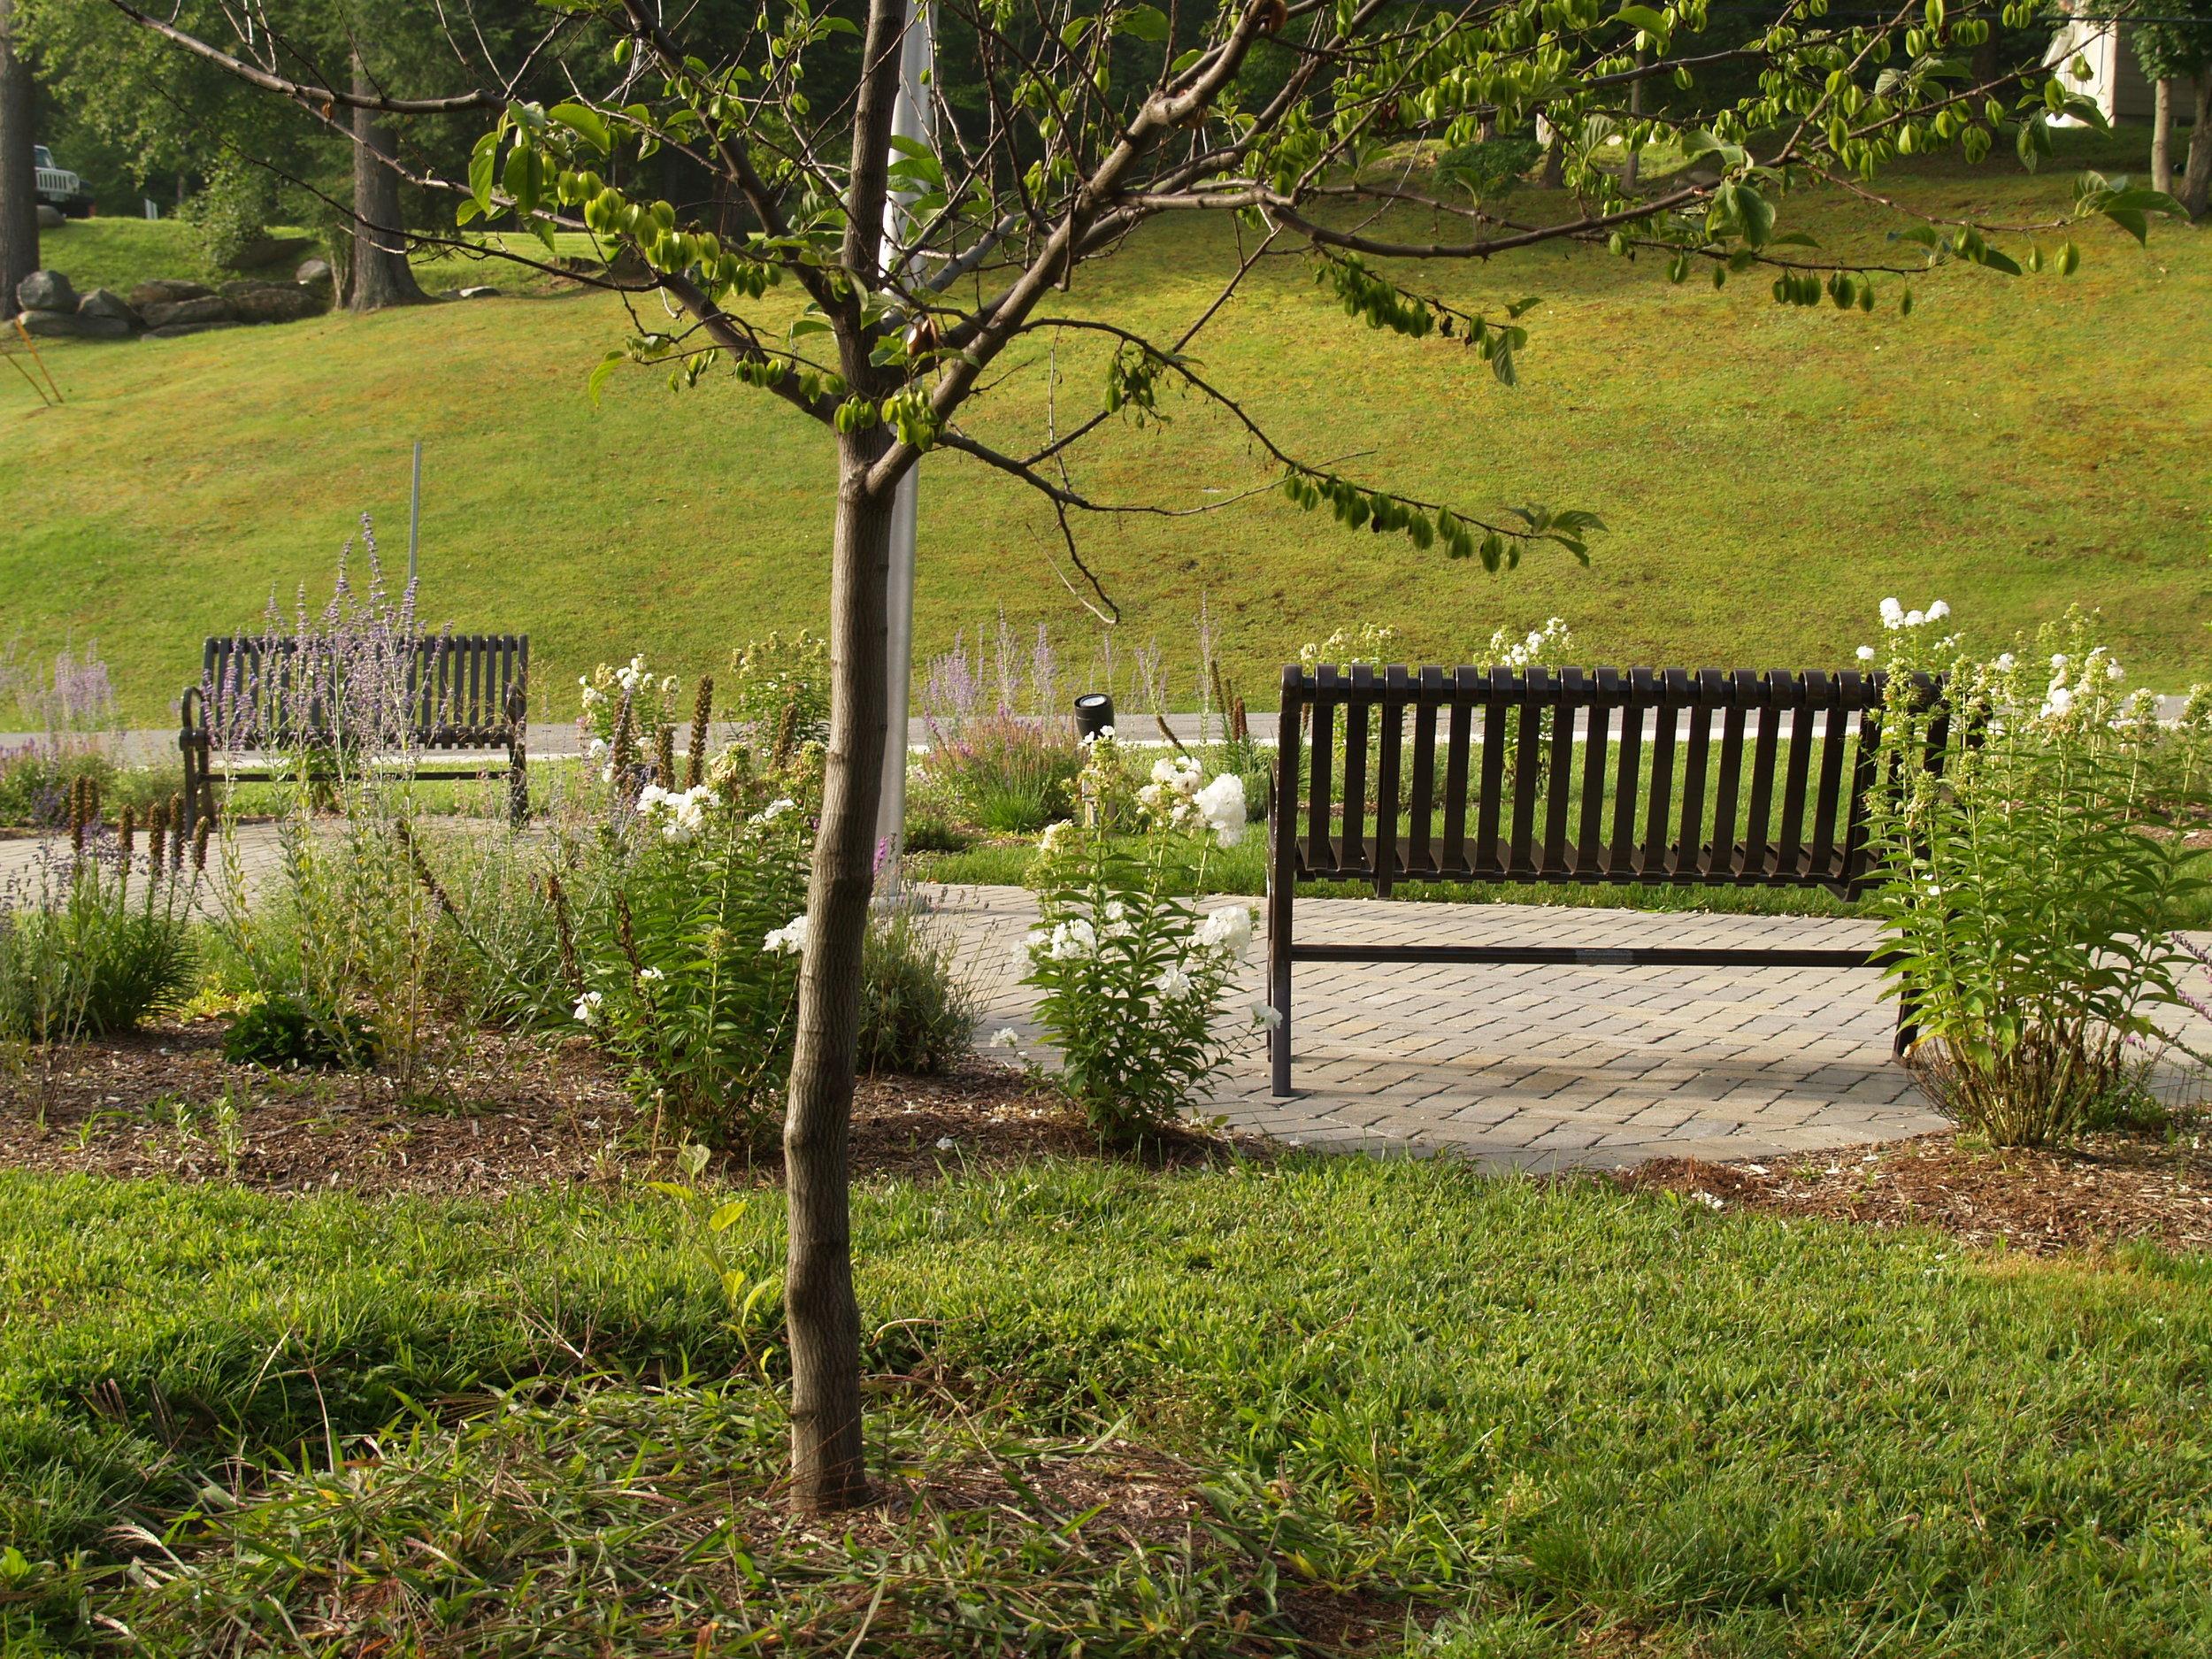 Springfield Hospital Centennial Garden - Springfield, Vermont